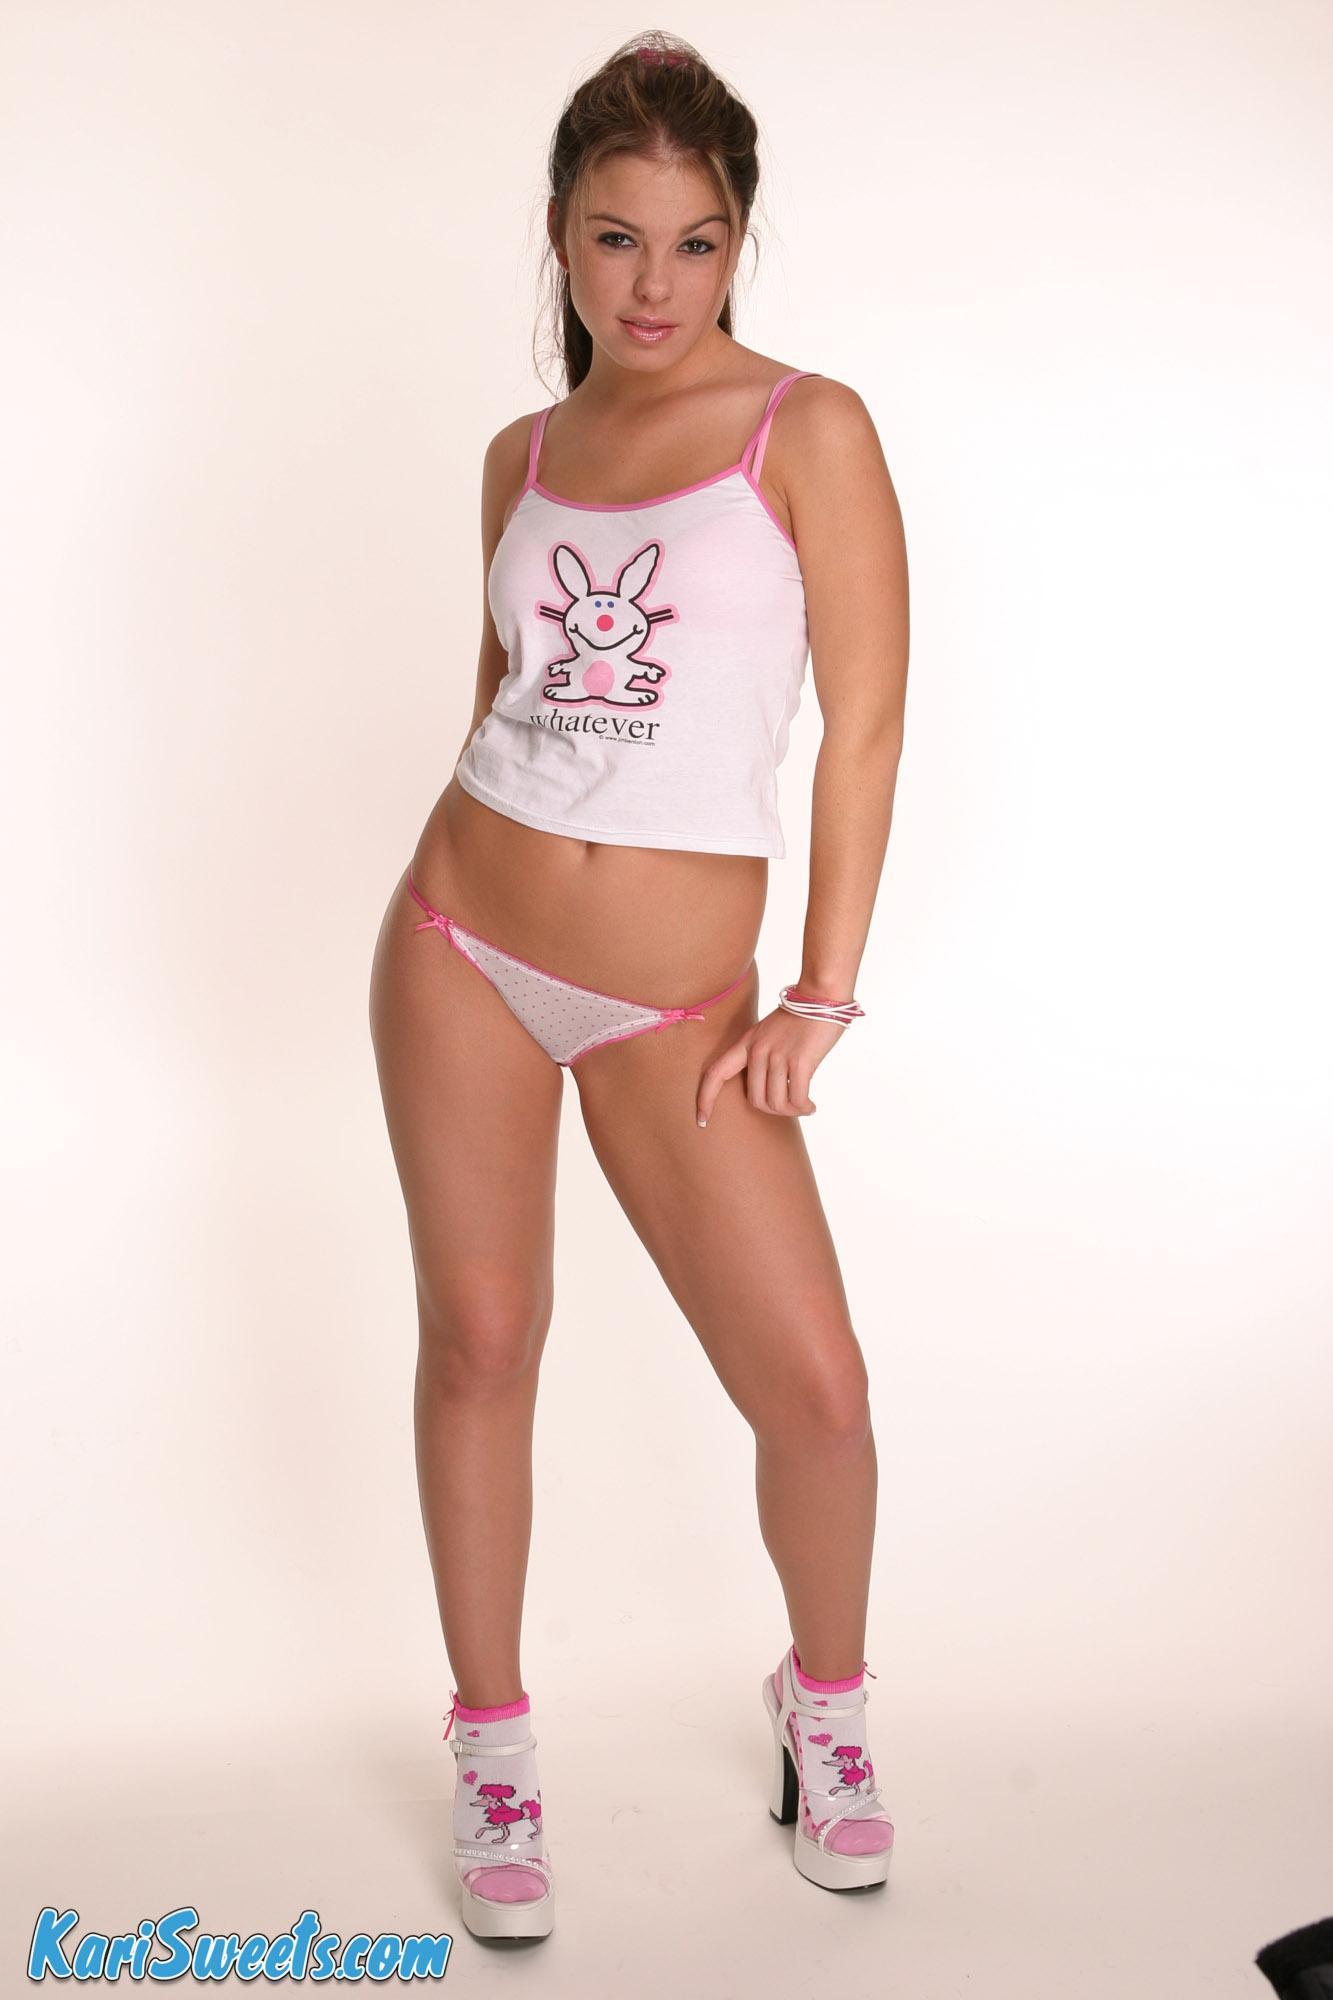 Kari Sweets looking hot in pink panties | Daily Girls @ Female Update